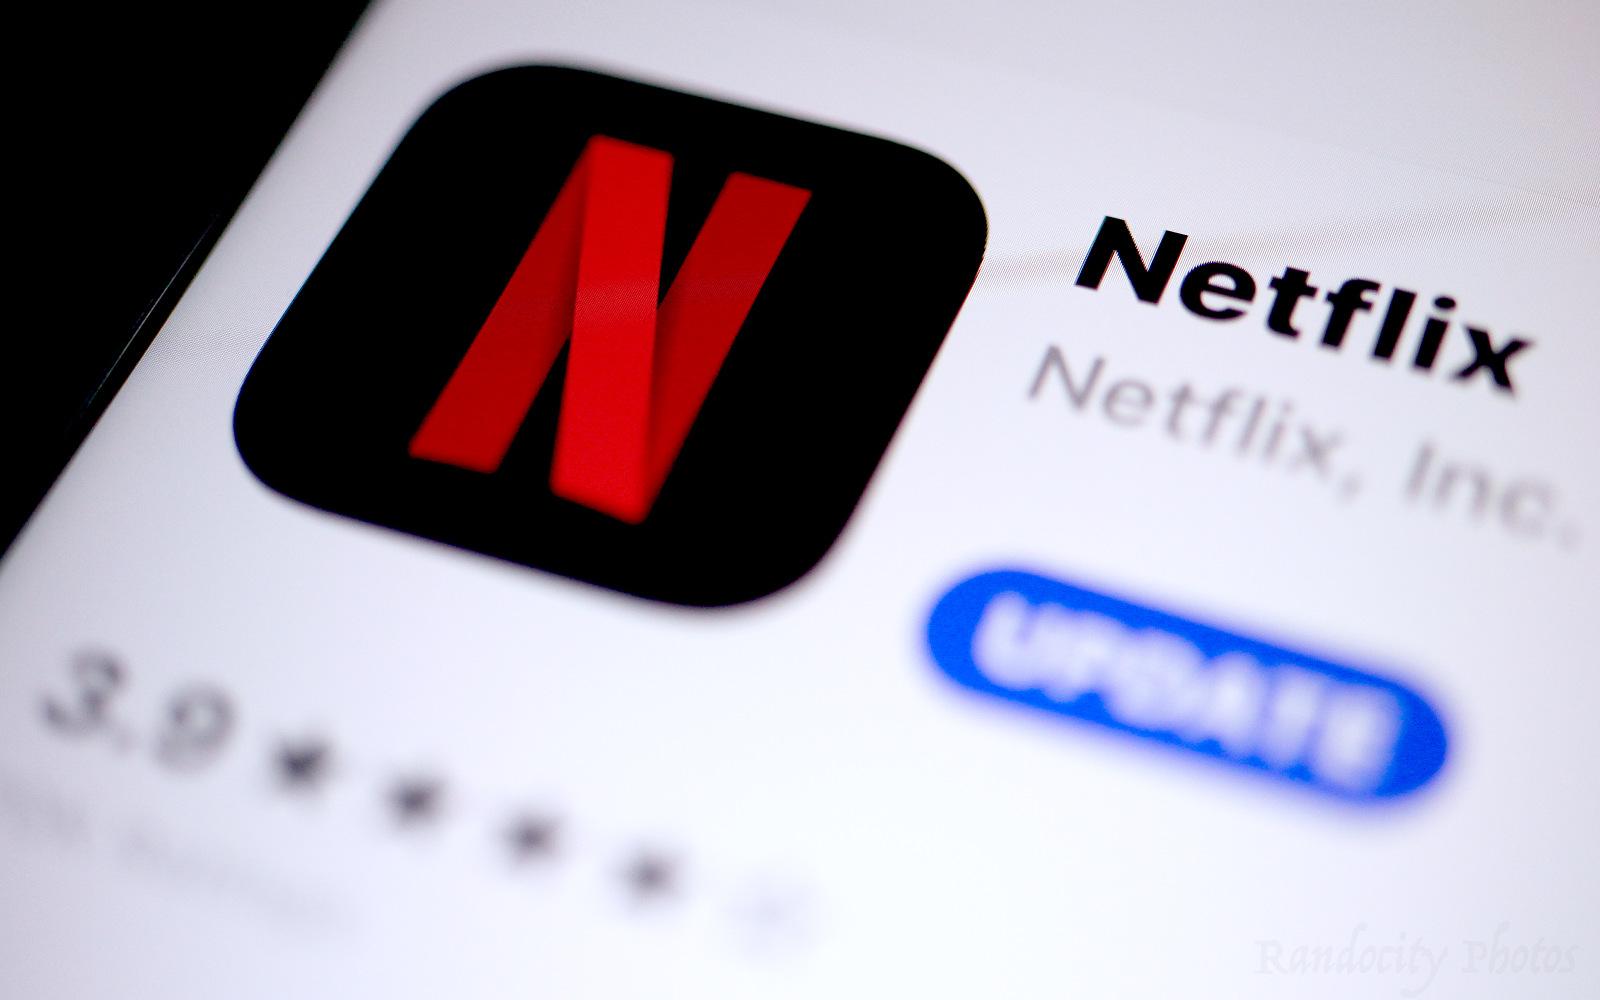 NetflixApp-sm